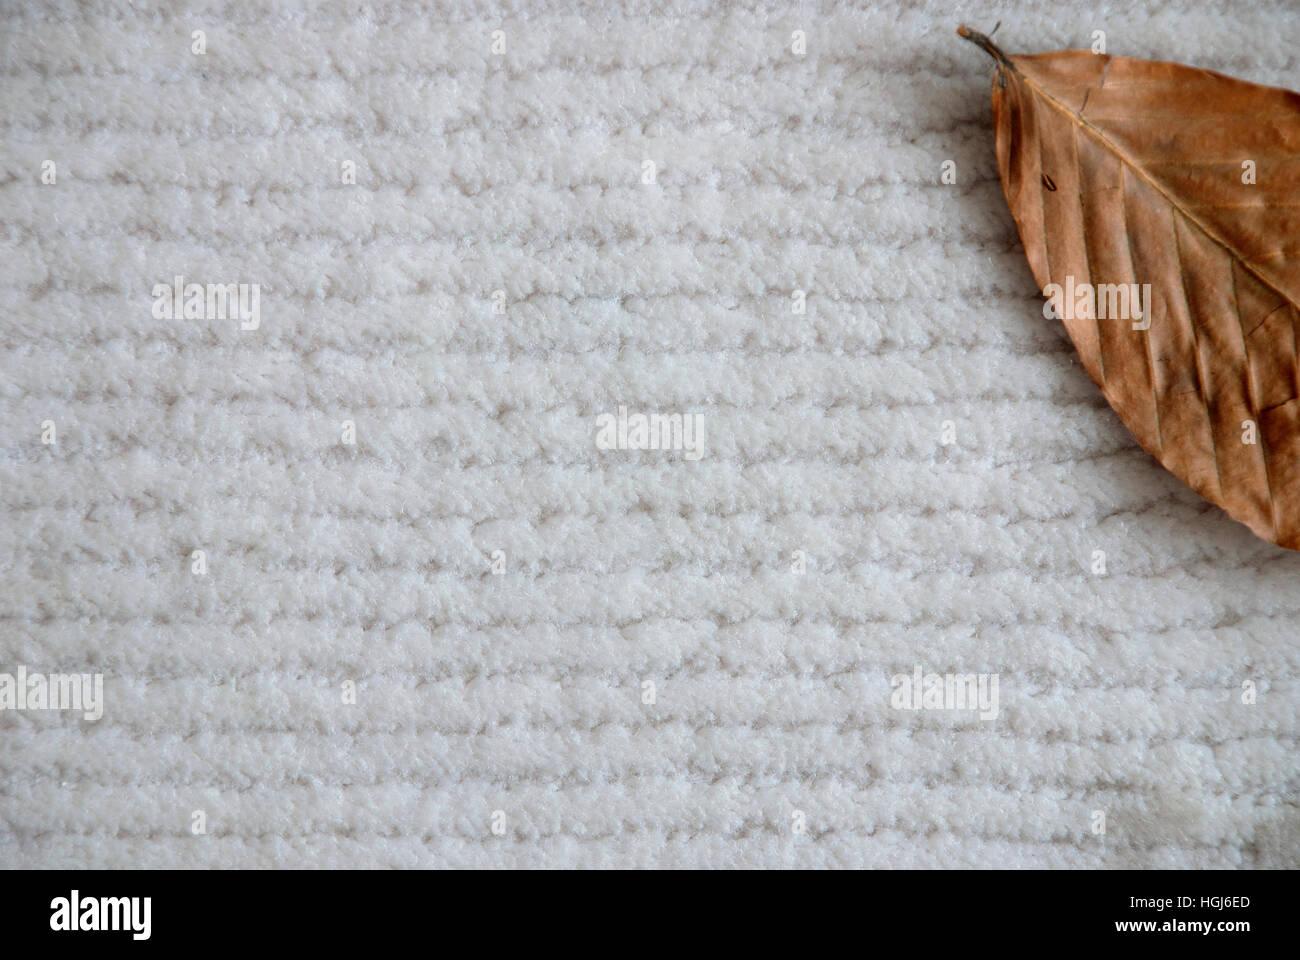 Abstract grigio texture tessili e arredamento tappeti per gli sfondi. Immagini Stock